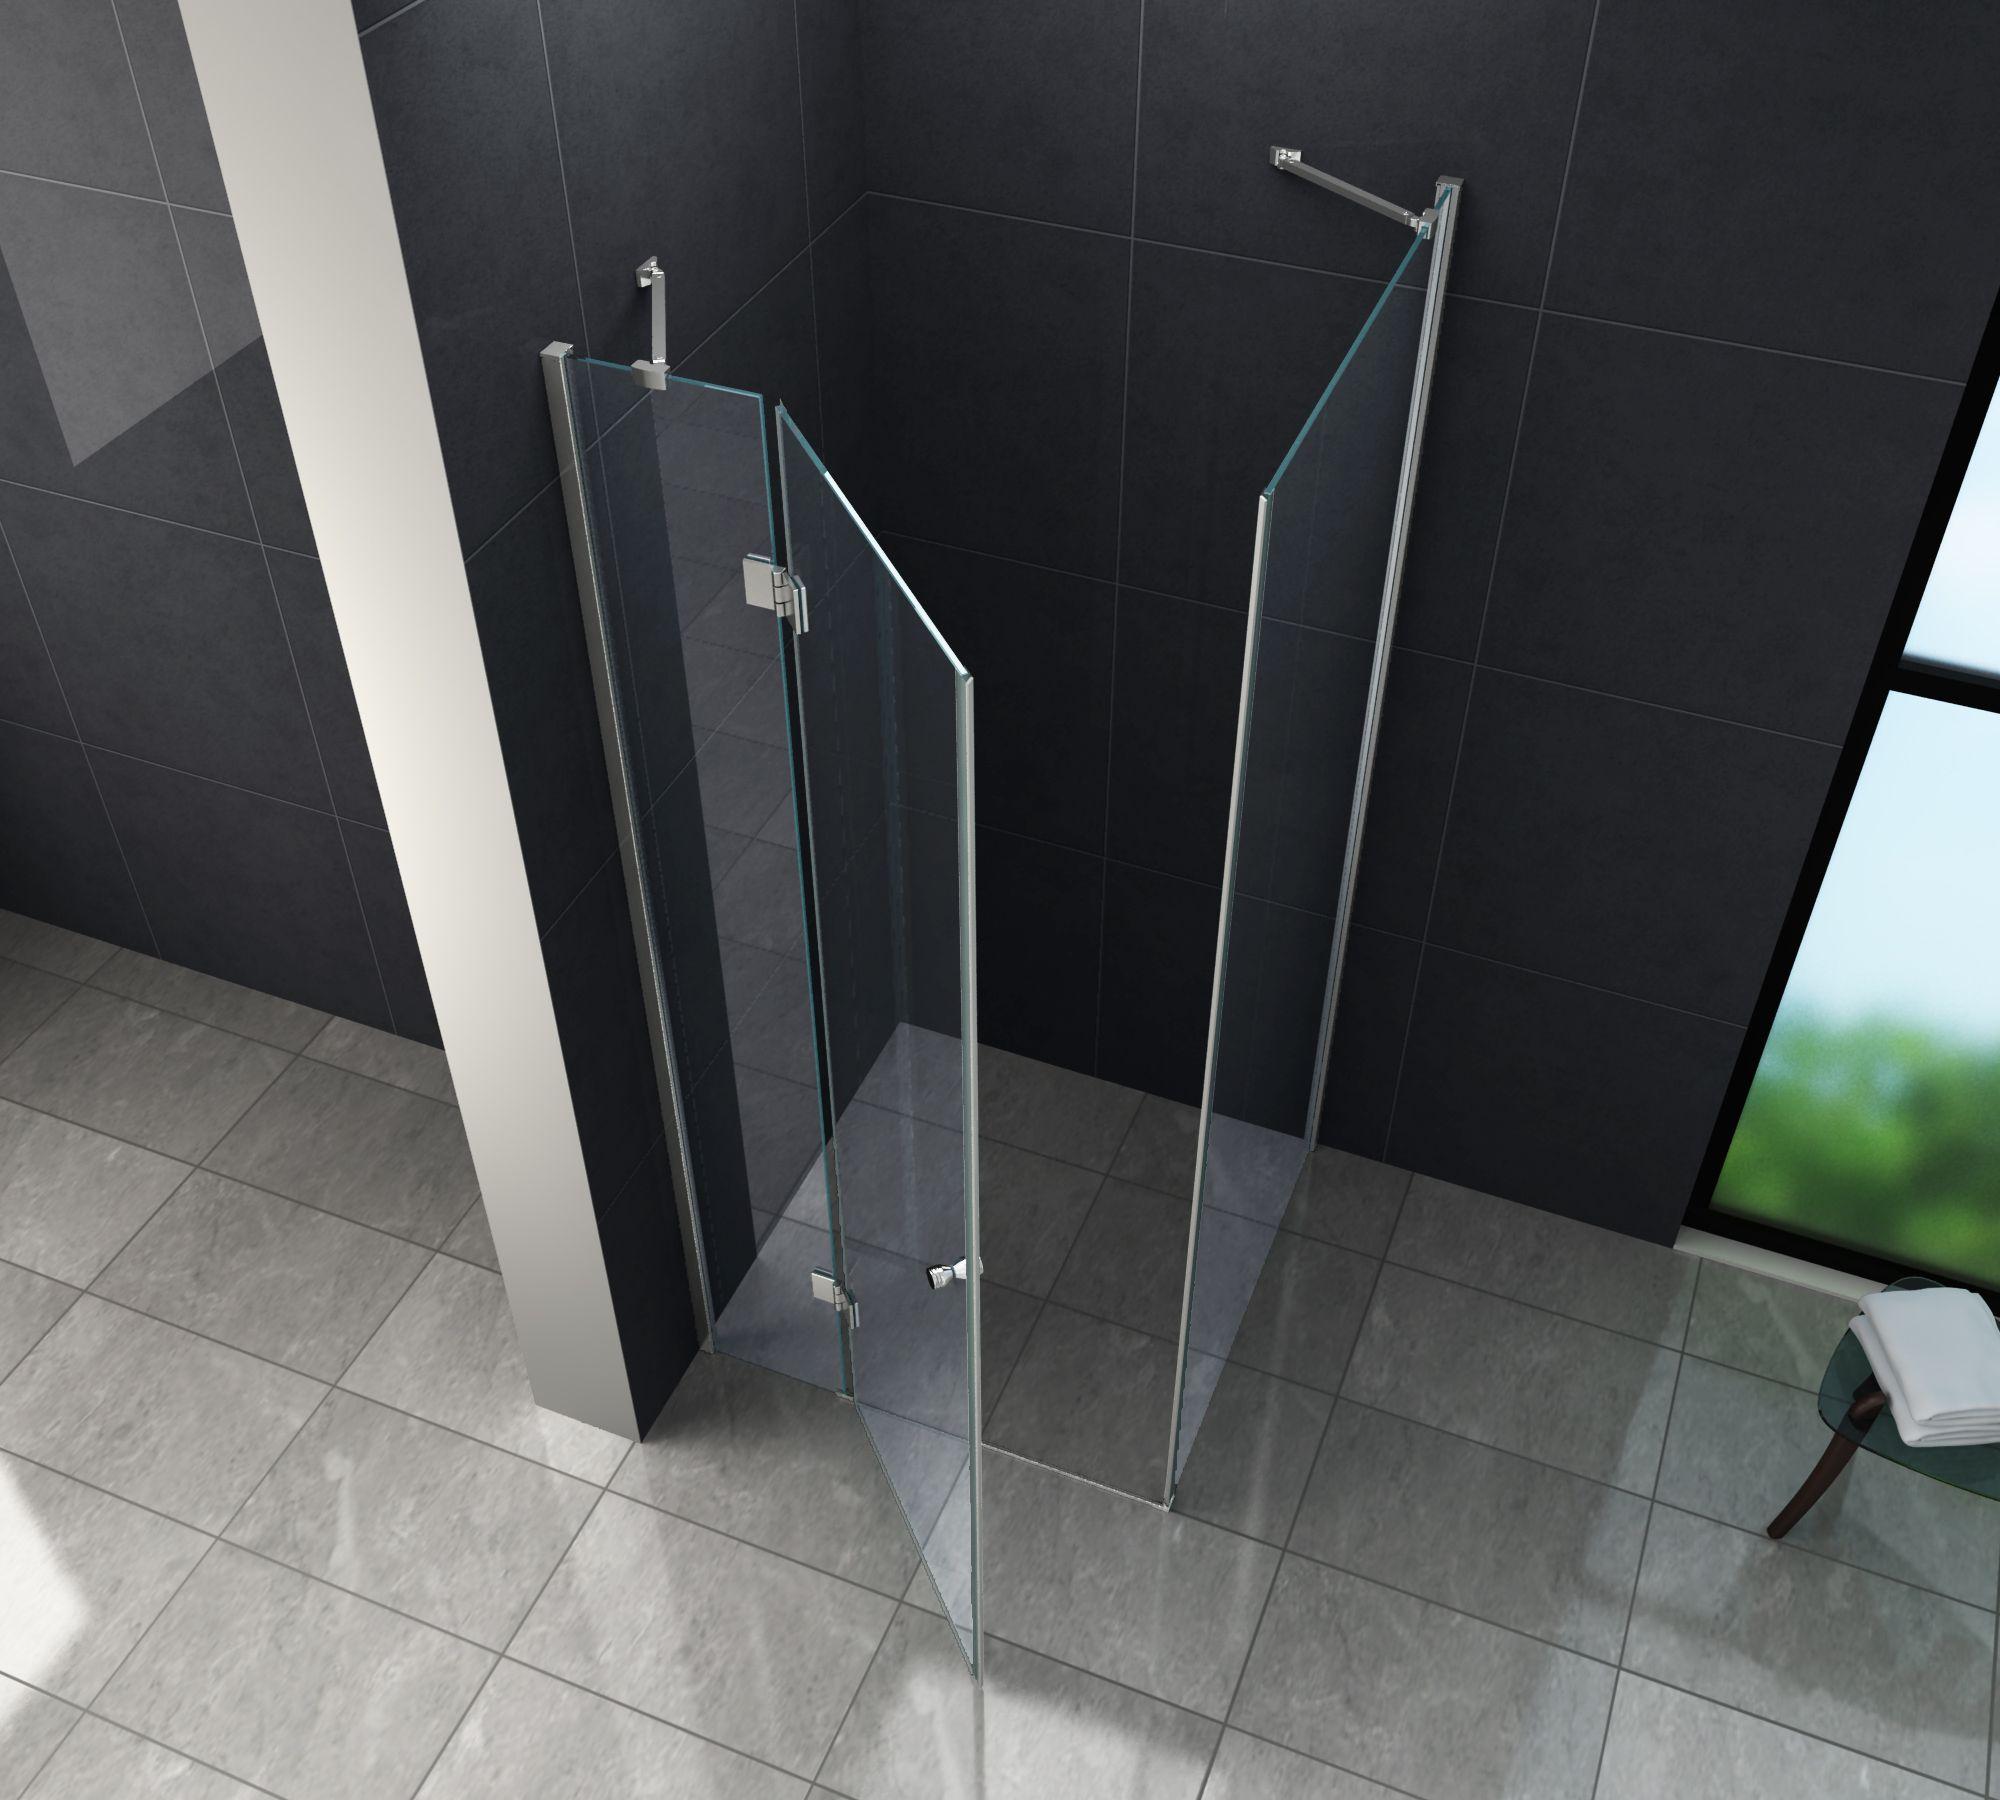 Relativ Duschkabine NOVUM 90 x 90 x 200 cm inkl. Duschtasse - Glasdeals RH88